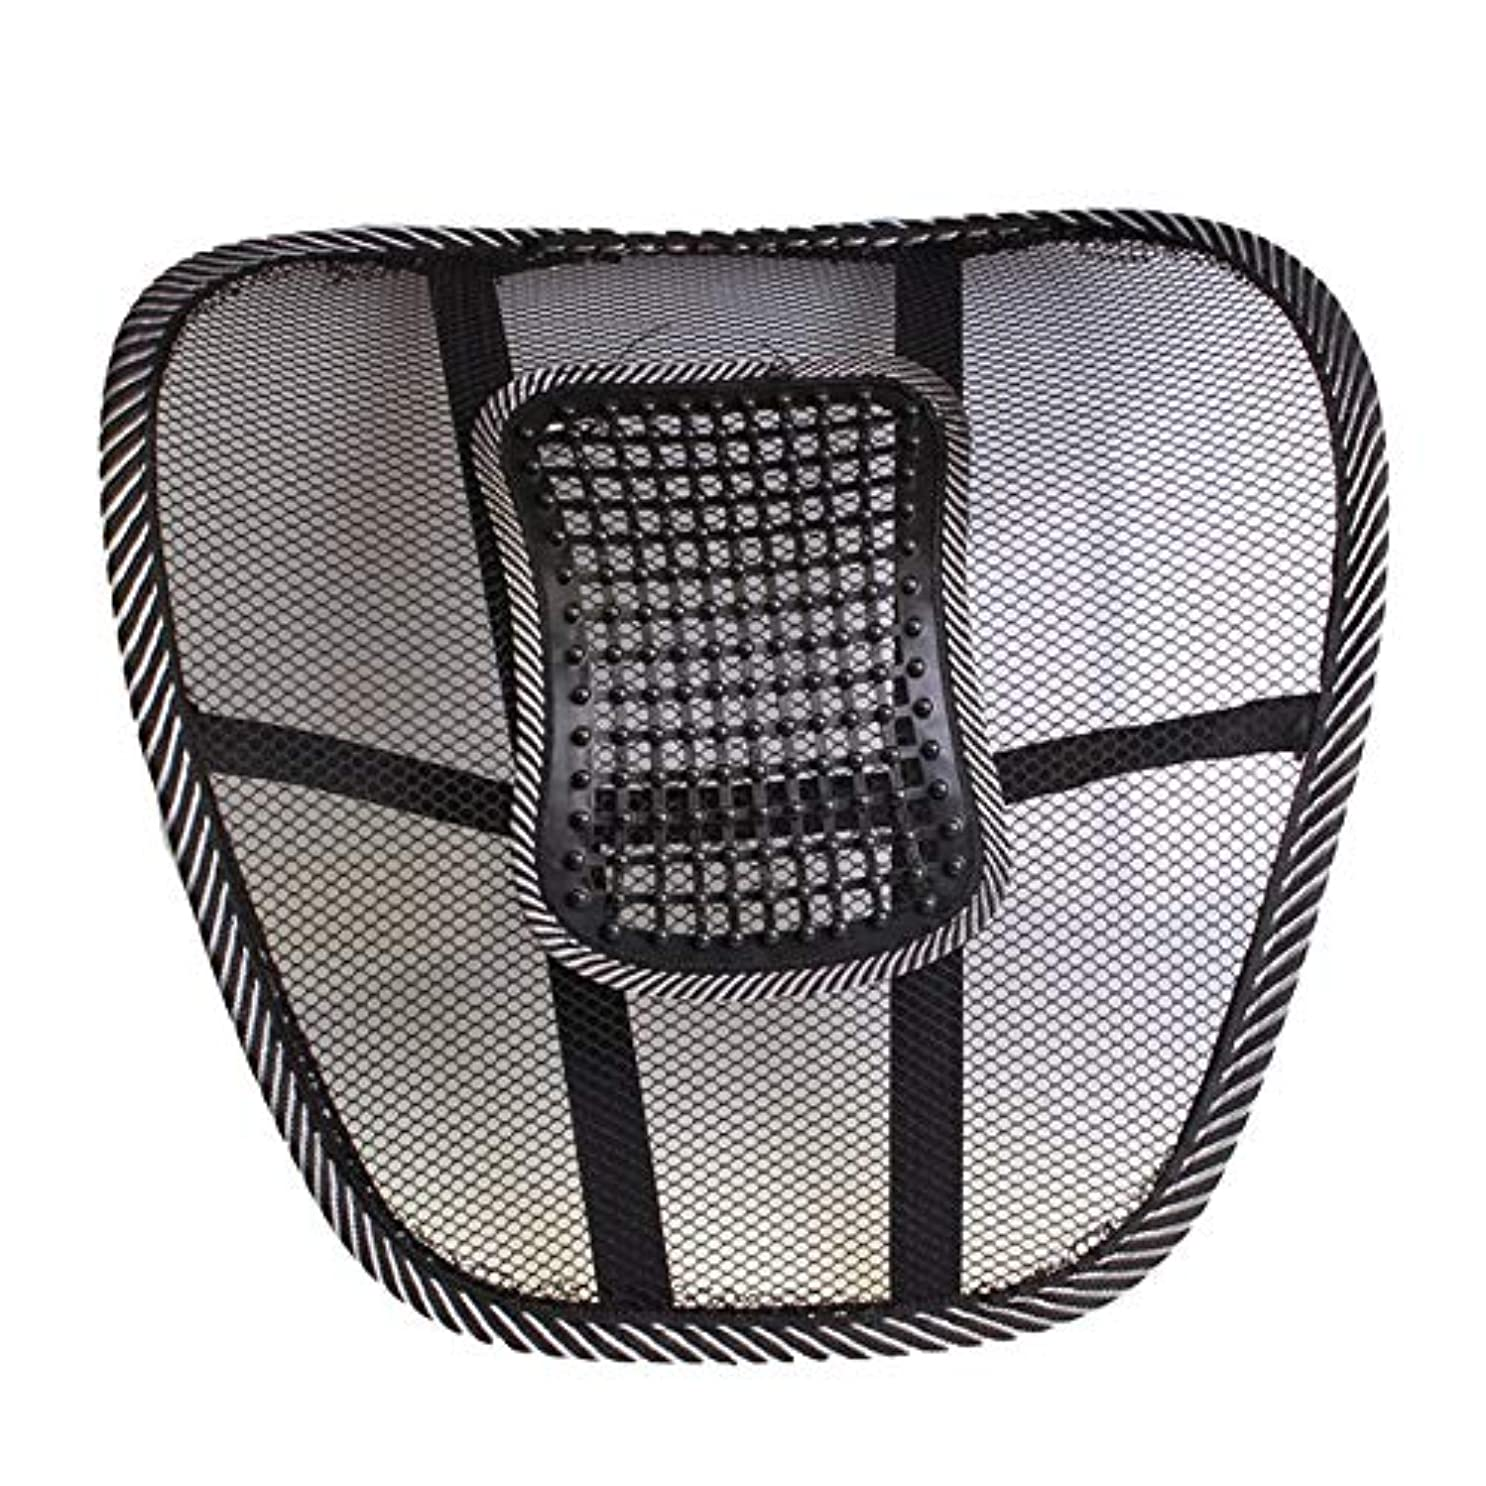 記念碑的な傑出したイースターメッシュカバー付き腰椎サポートクッション腰痛緩和のためのバランスのとれた硬さ - 理想的なバックピロー